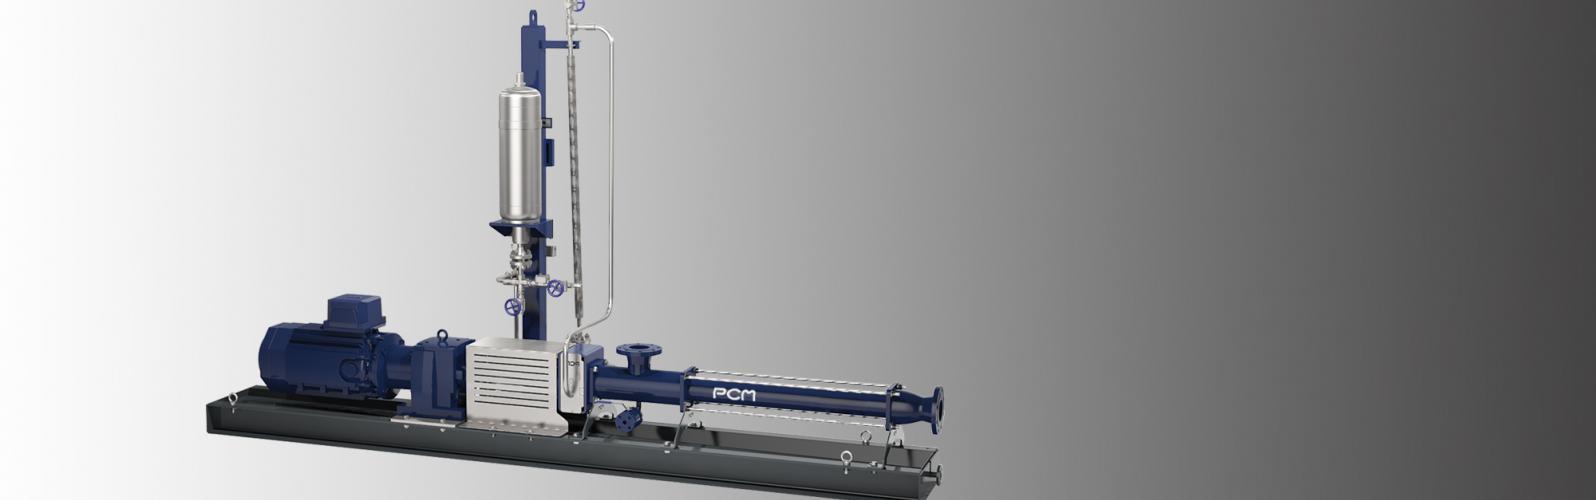 PCM, den weltweit führender Hersteller von Verdrängerpumpen und medienführenden Ausrüstungen für die Öl- und Gasindustrie